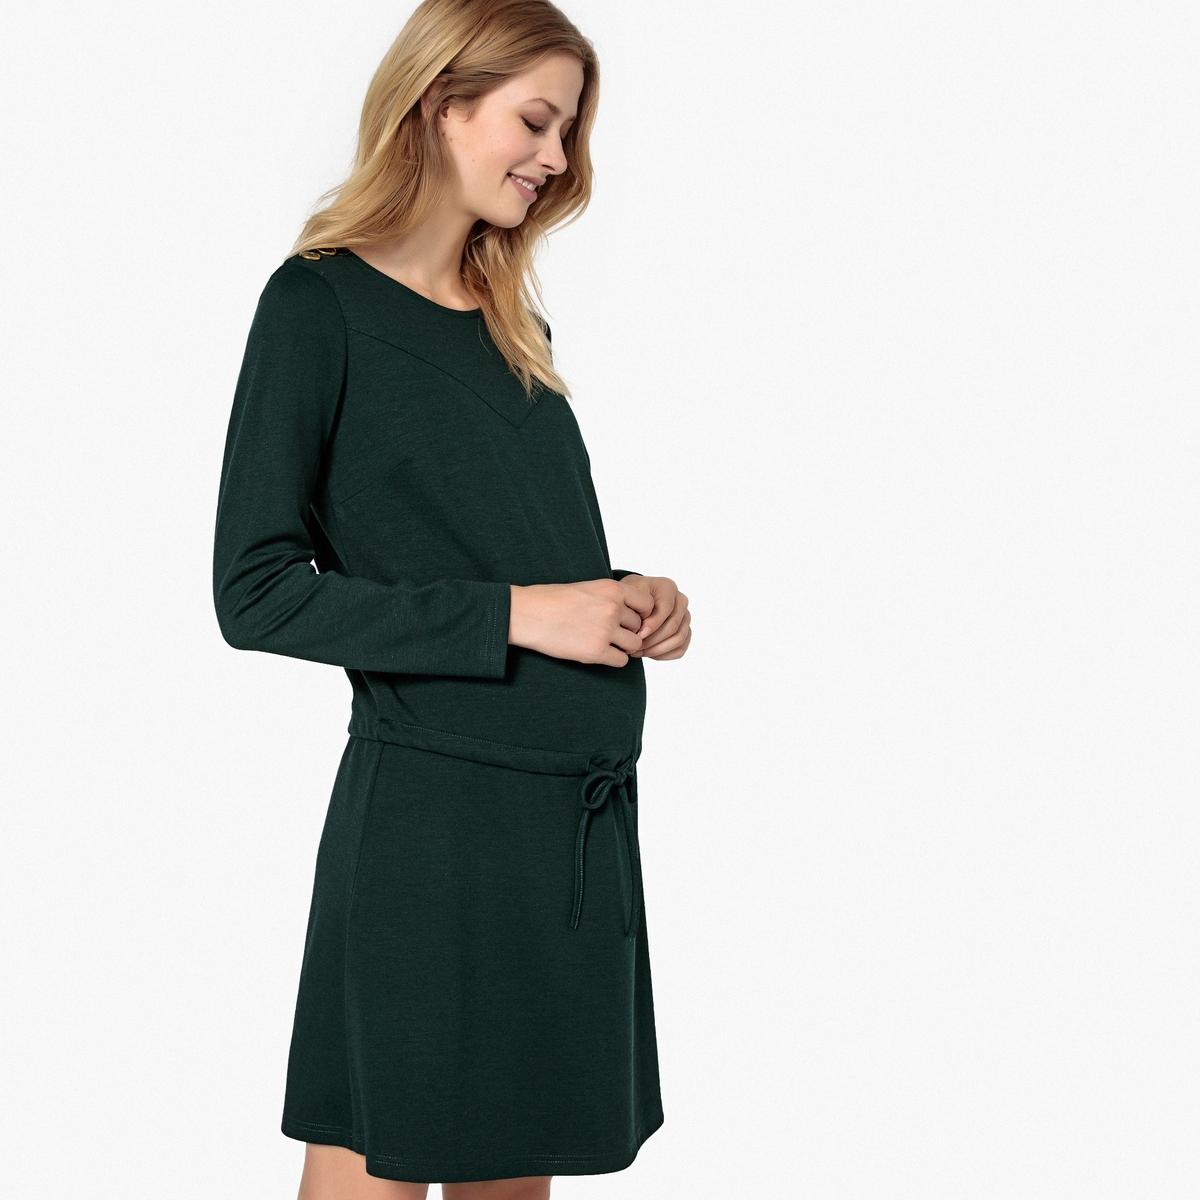 Платье La Redoute С длинными рукавами из трикотажа для периода беременности L зеленый платье la redoute из трикотажа для периода беременности s другие